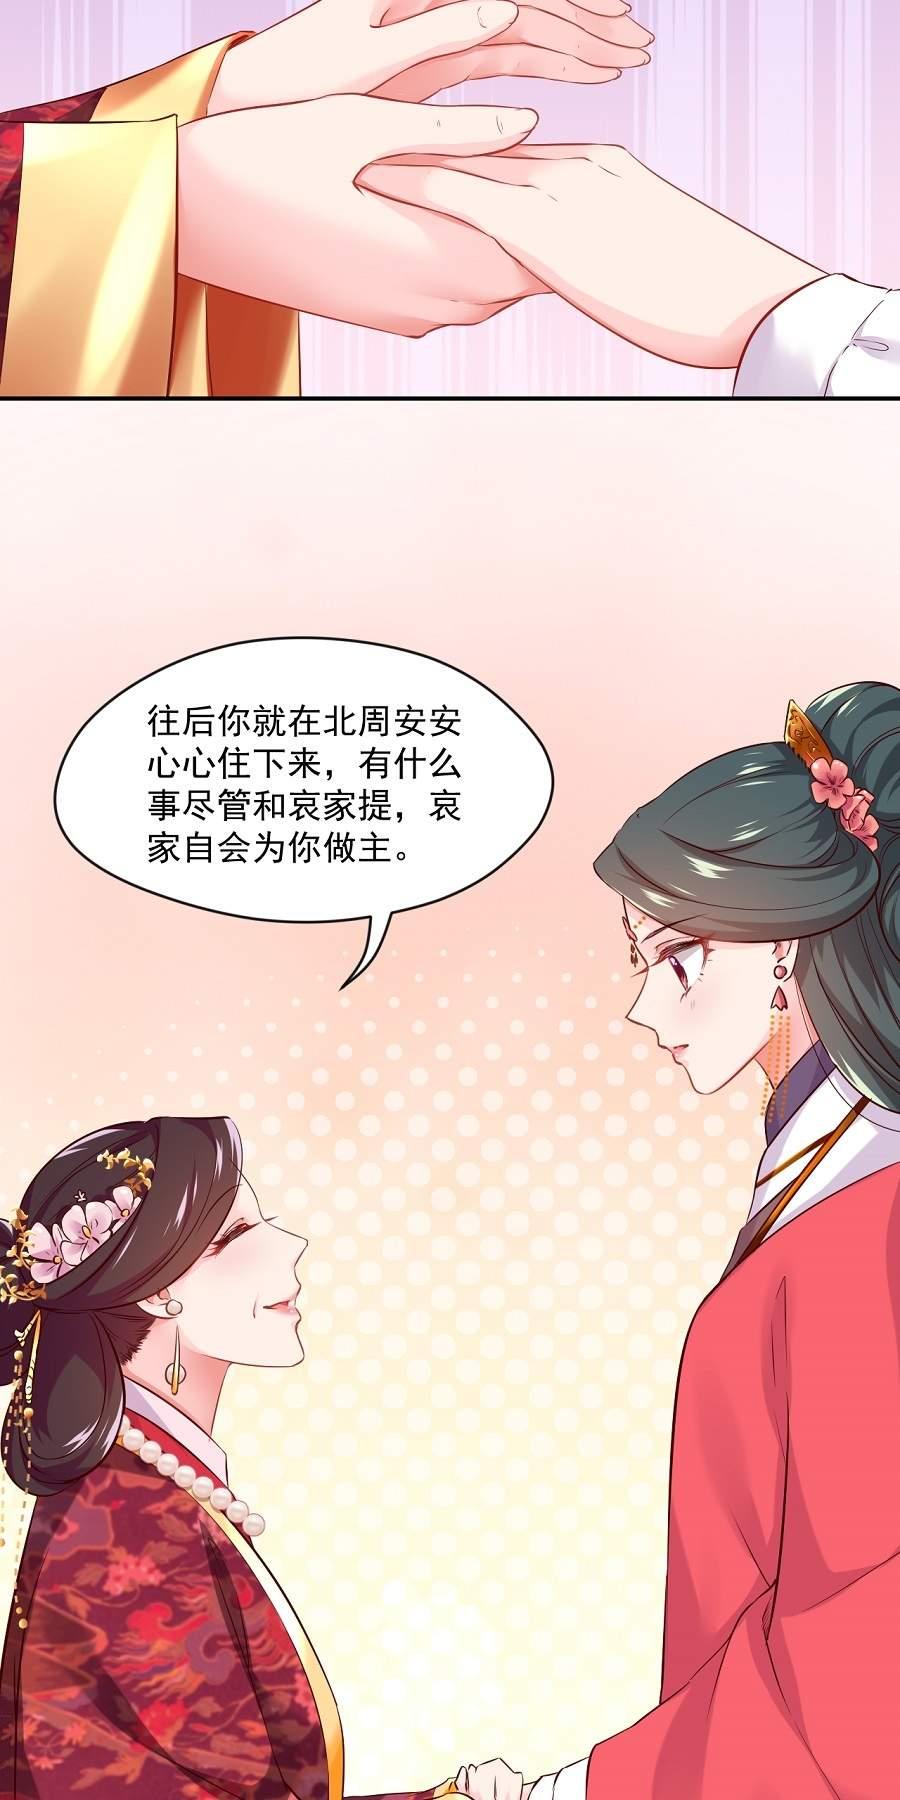 盛世帝王妃第76话  眼中钉(福利!) 第 11